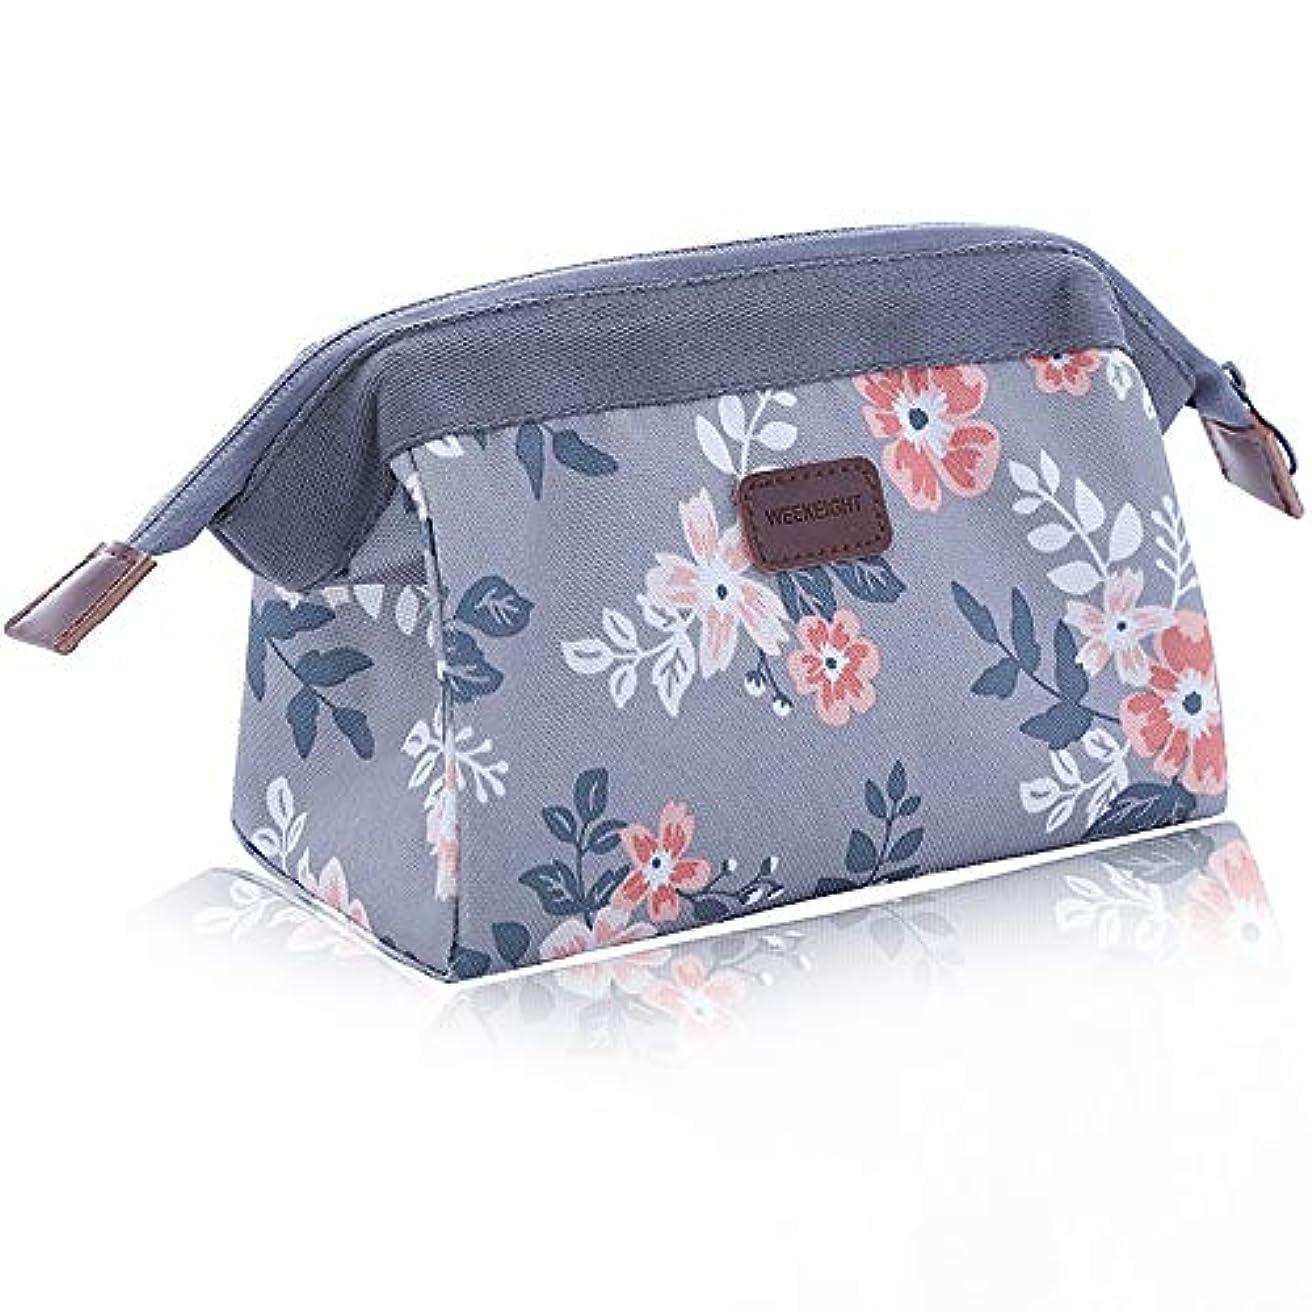 ジェット油架空の化粧ポーチ コスメバッグ  コスメポーチ メイクポーチ 機能的 大容量 化粧品収納 小物入れ 普段使い 出張 旅行 メイクバッグ 化粧バッグ(グレー)